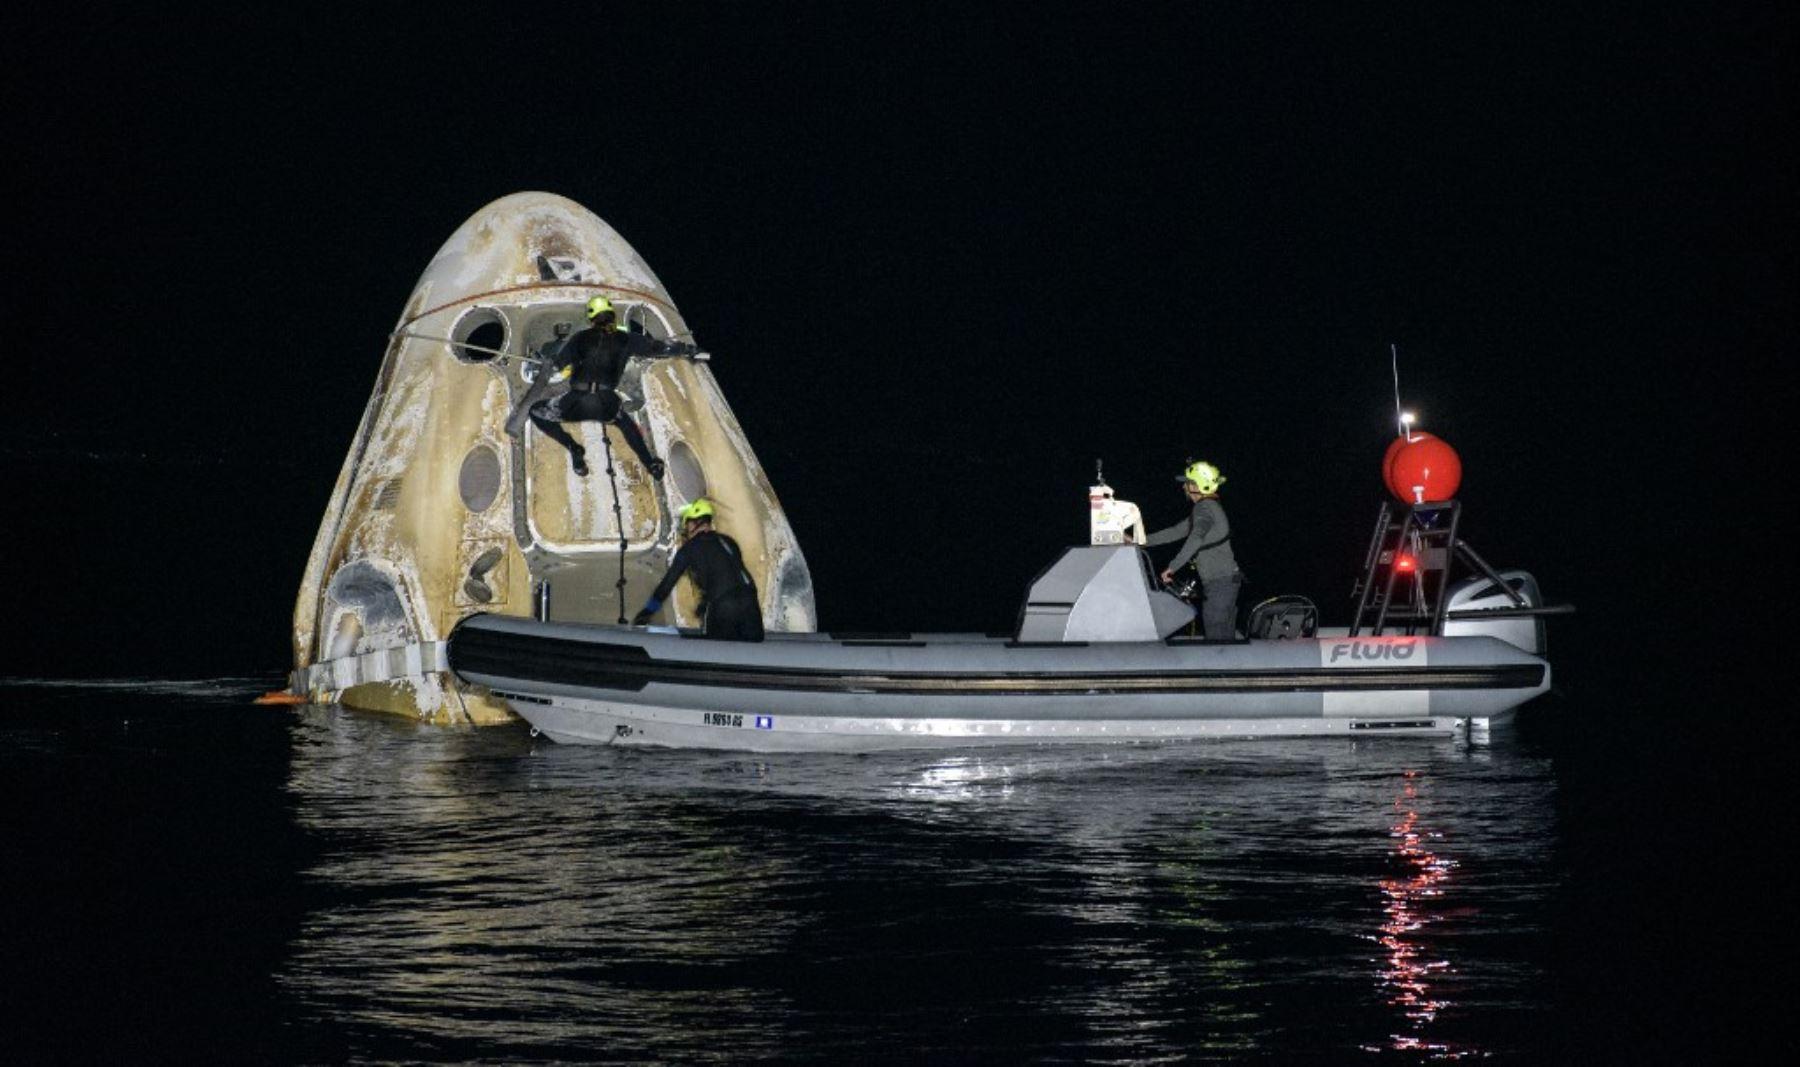 Foto de la NASA muestra a los equipos de apoyo que trabajan alrededor de la nave espacial SpaceX Crew Dragon Resilience poco después de que aterrizara con los astronautas de la NASA Mike Hopkins, Shannon Walker, Foto; NASA